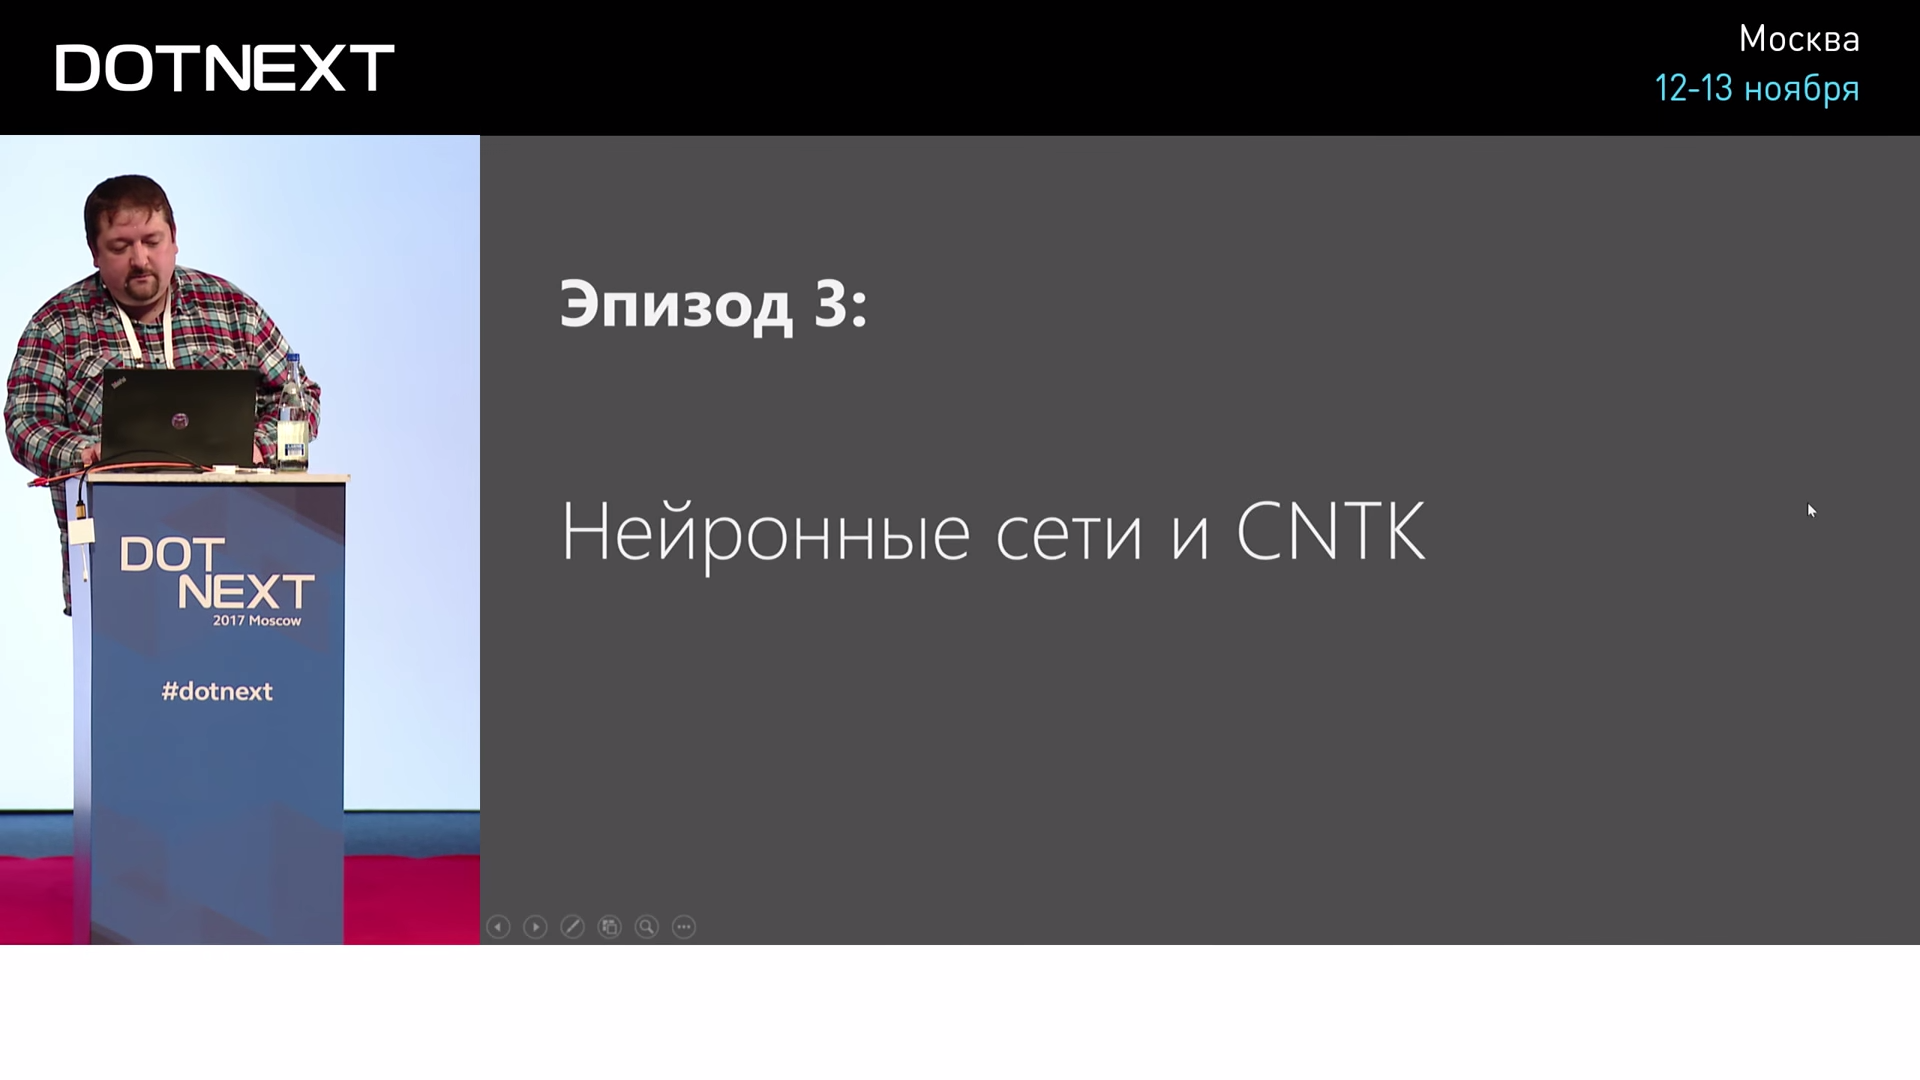 Искусственный интеллект и нейросети для .NET-разработчиков - 22